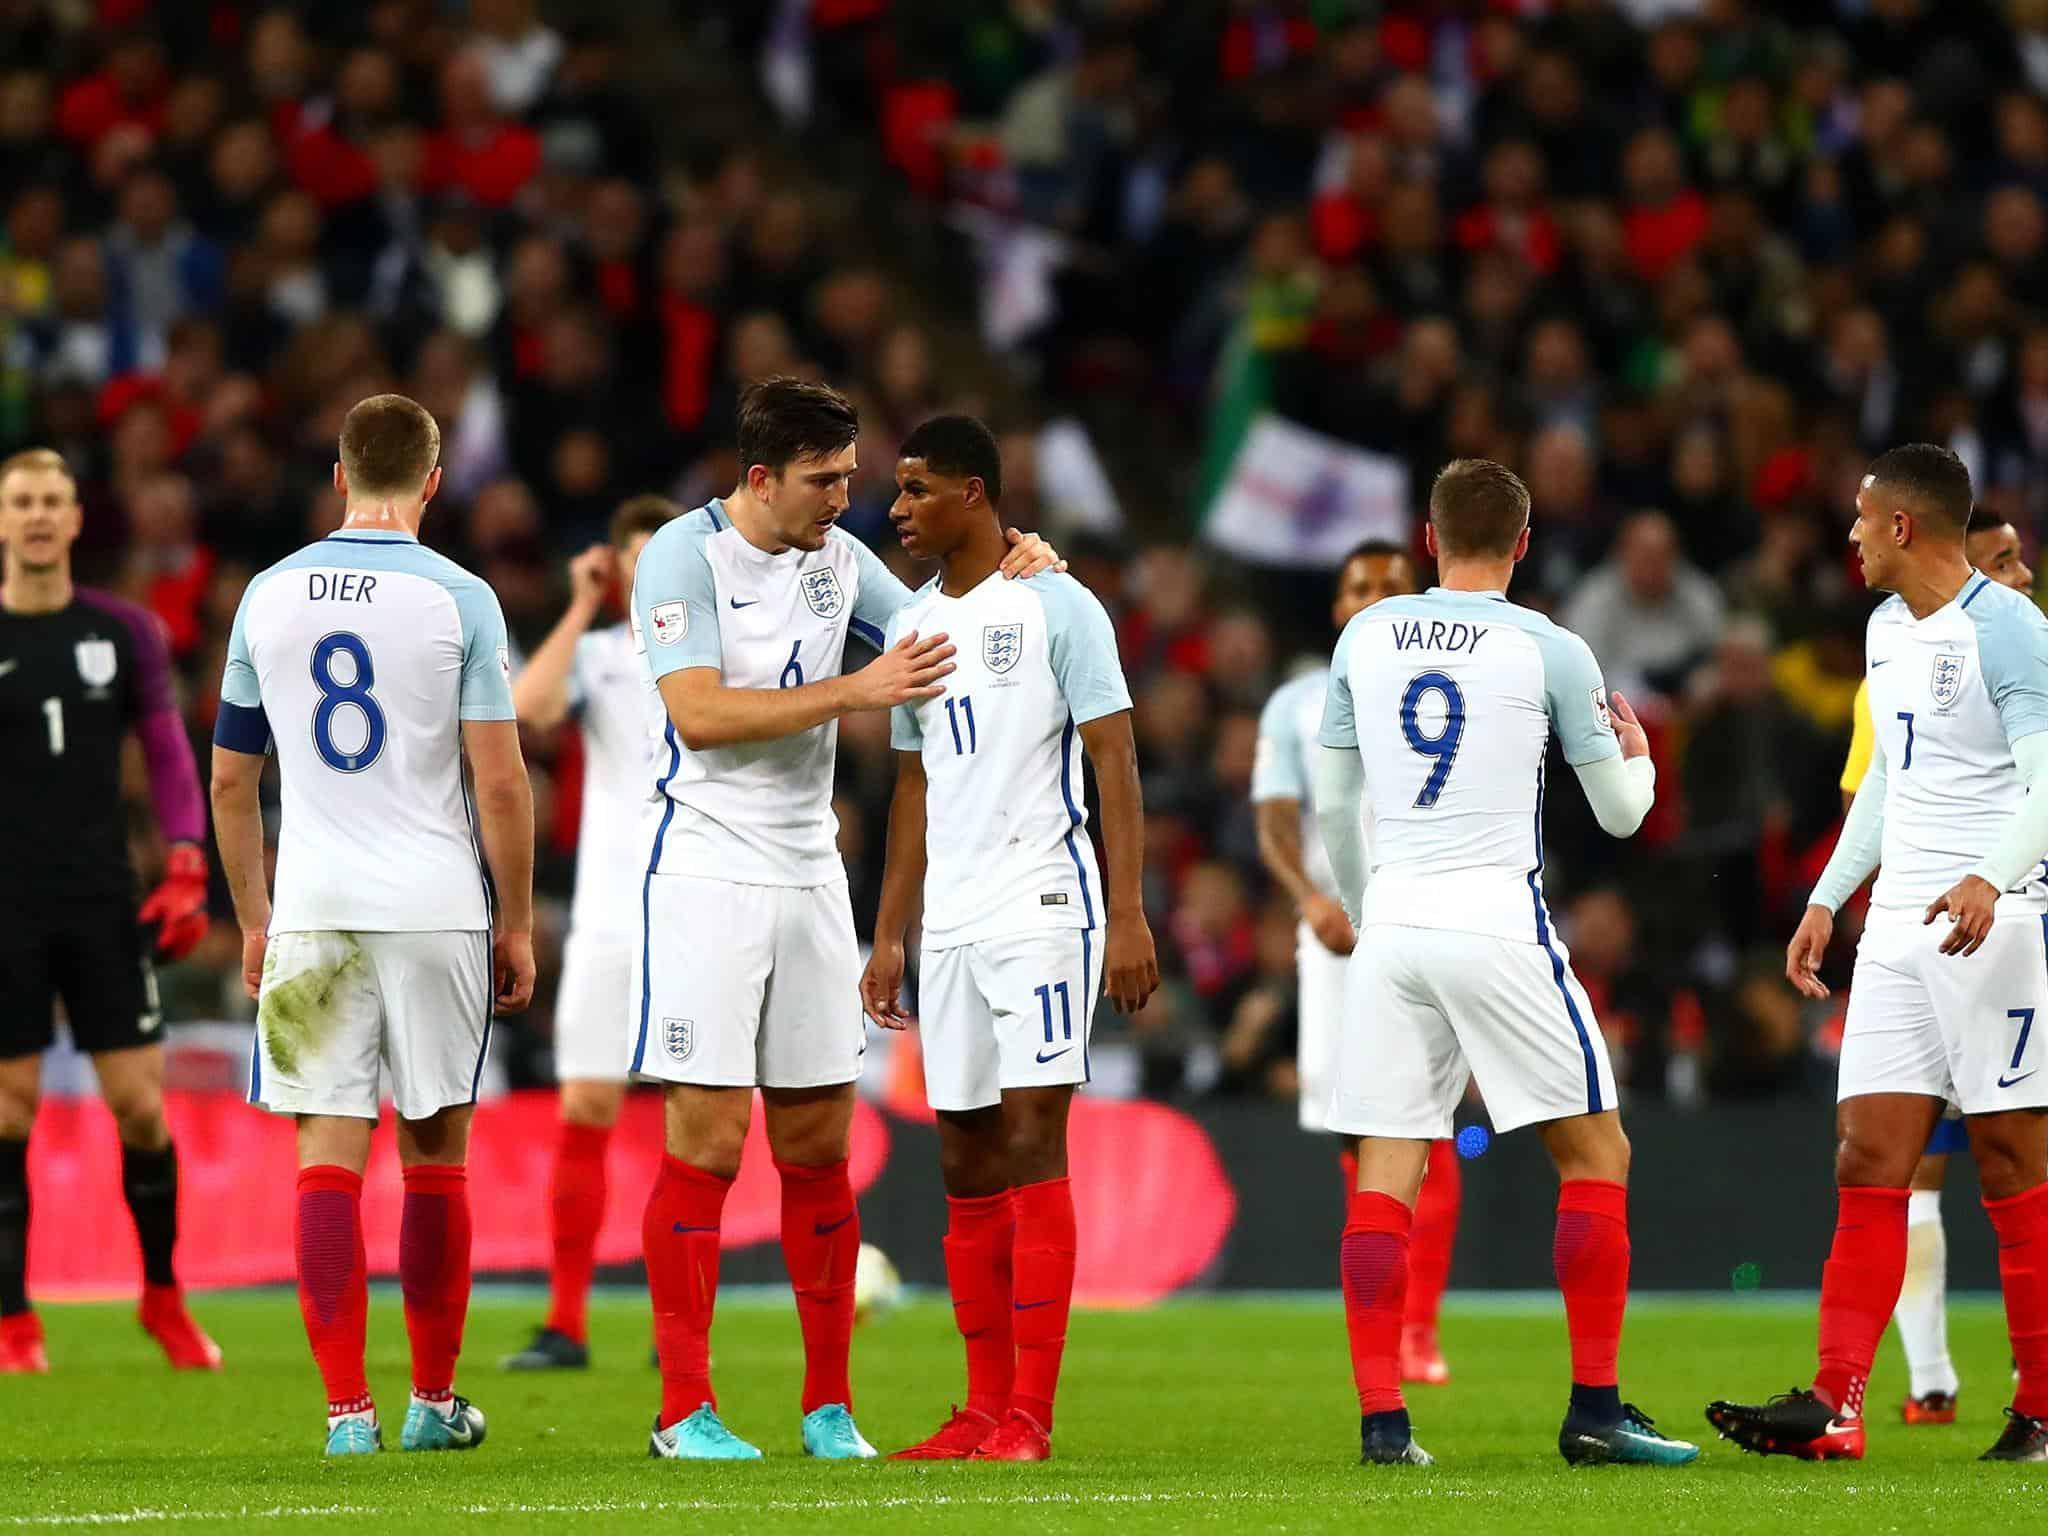 Tim Sepakbola Inggris 1990 dan tidak pernah absen hingga tahun 2014 walaupun tidak pernah lebih dari bebak perempat Final saja musim gugur tahun 2014. Di Laga kali ini akan menjadi tim tamu yang akan datang </p> <p><img class=